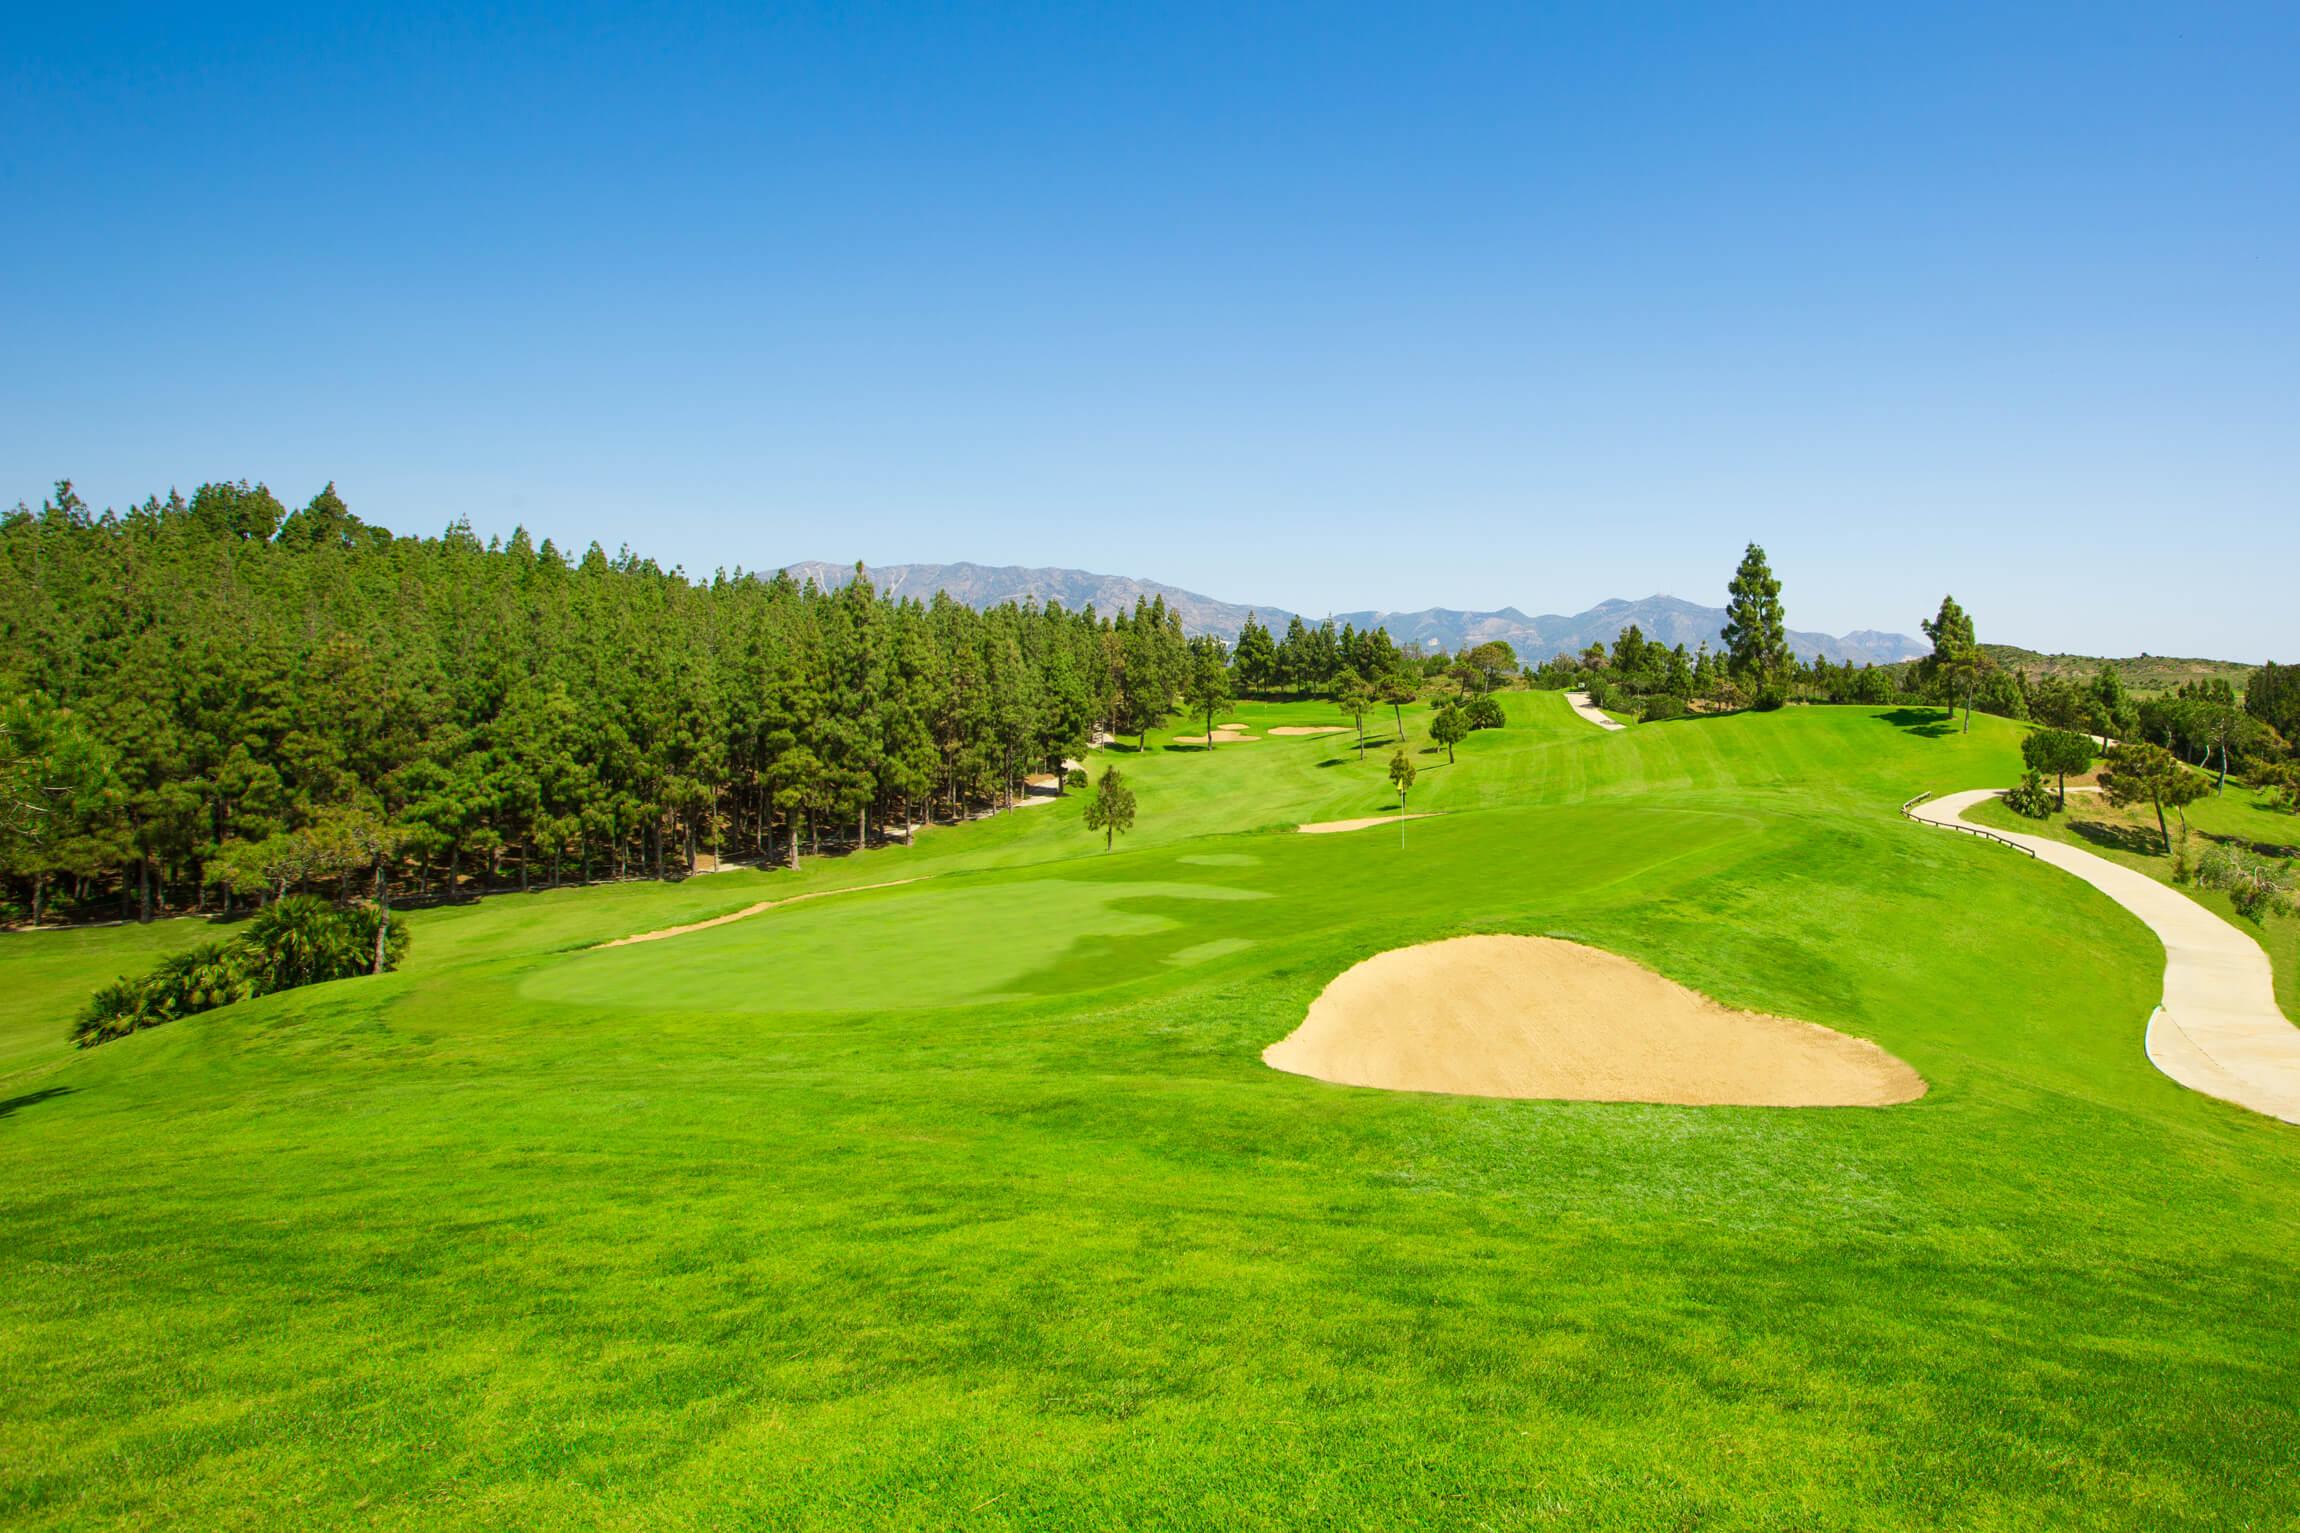 Chaparral Golf Club, Mijas, Costa del Sol, hoyo 14